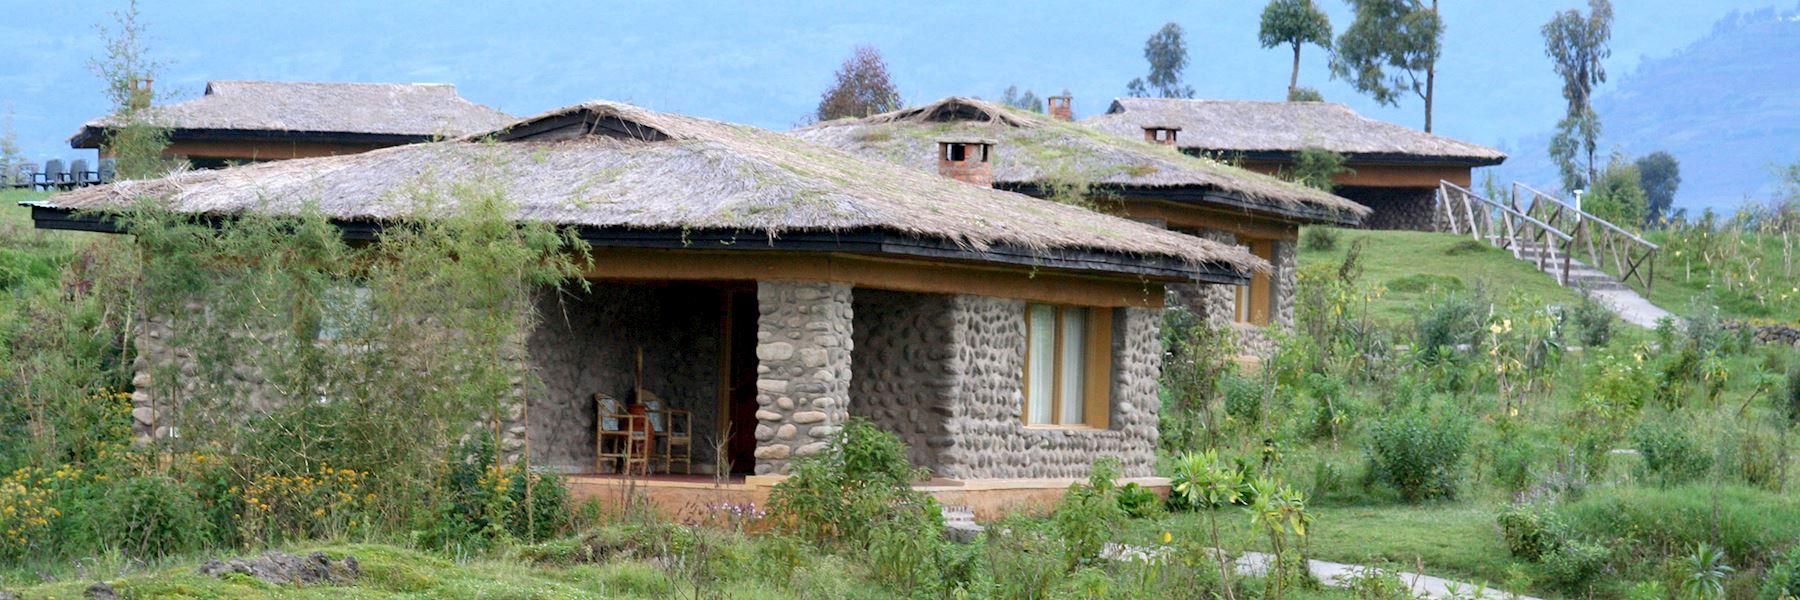 Gorilla Mountain View Lodge